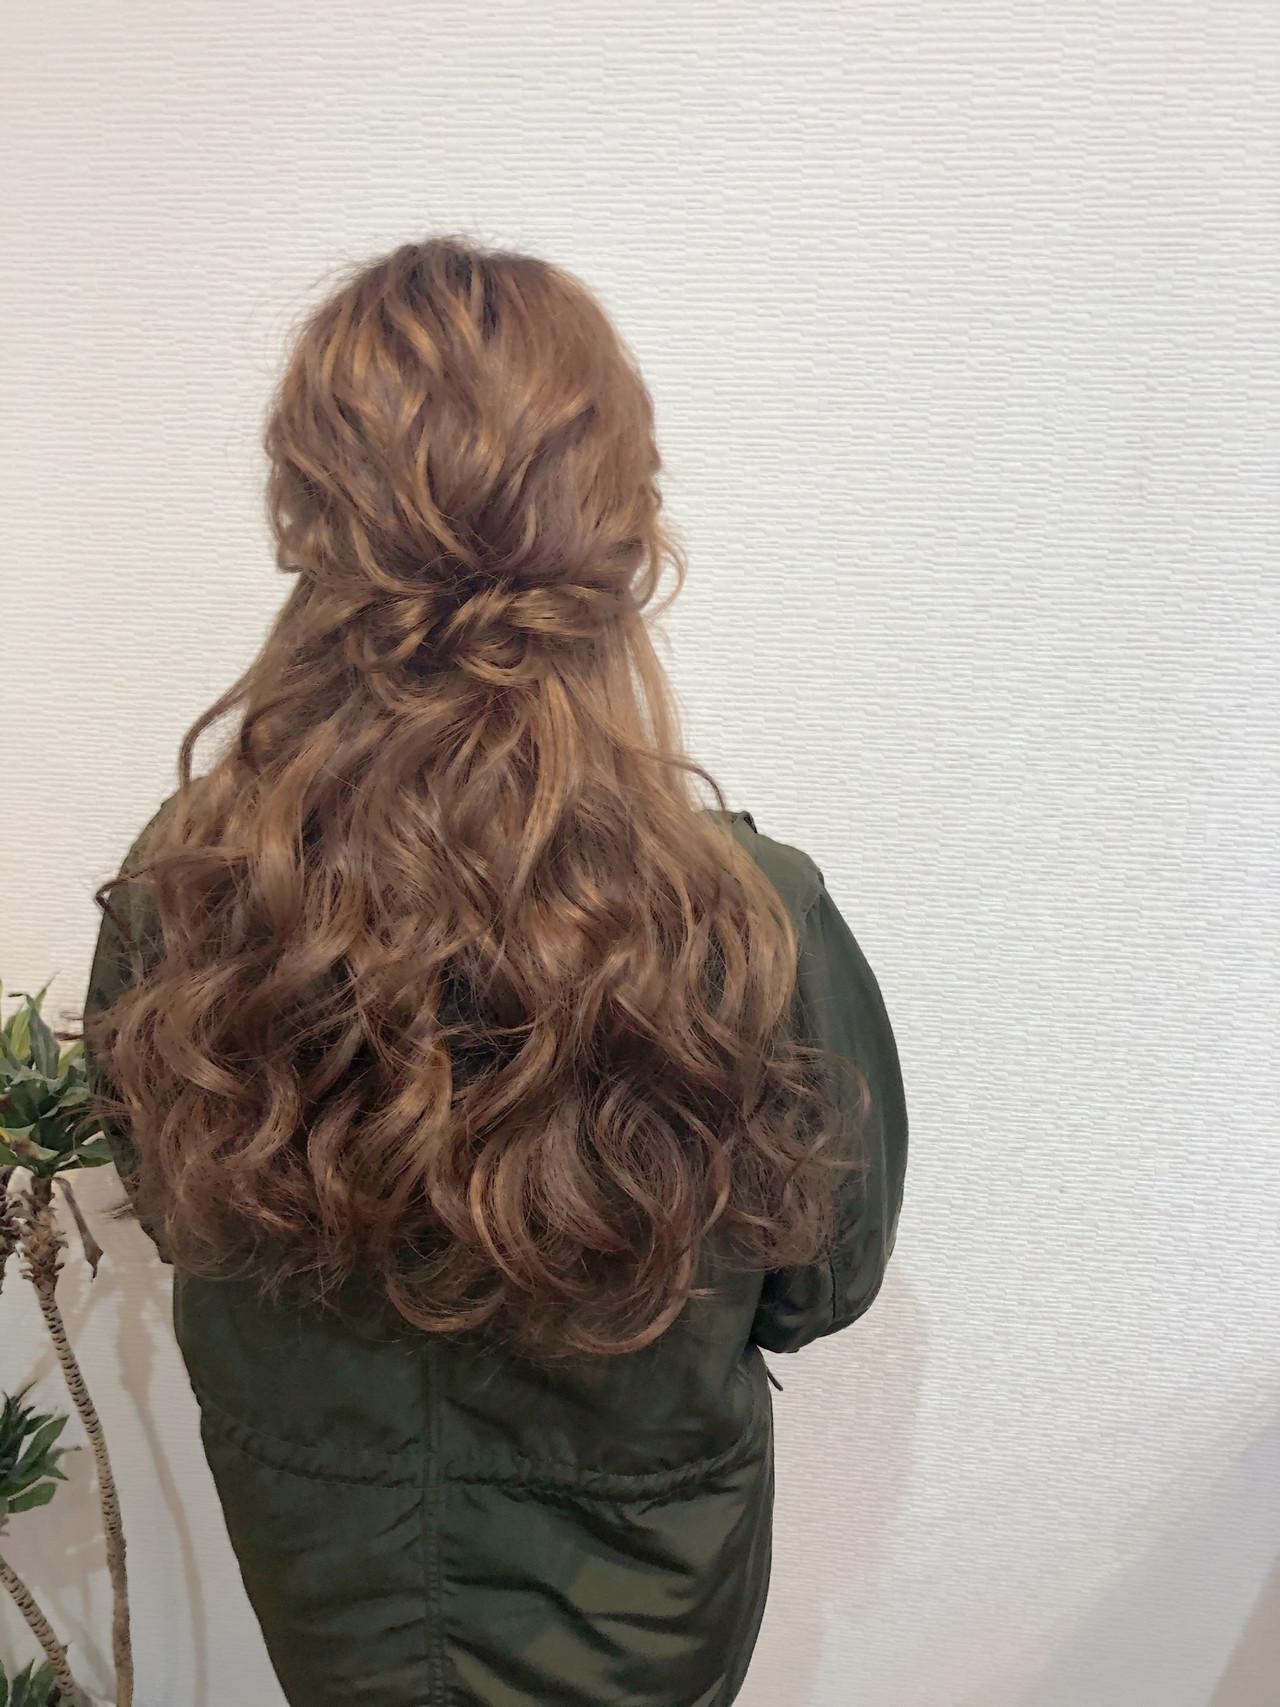 ねじり フェミニン ハーフアップ ブライダル ヘアスタイルや髪型の写真・画像